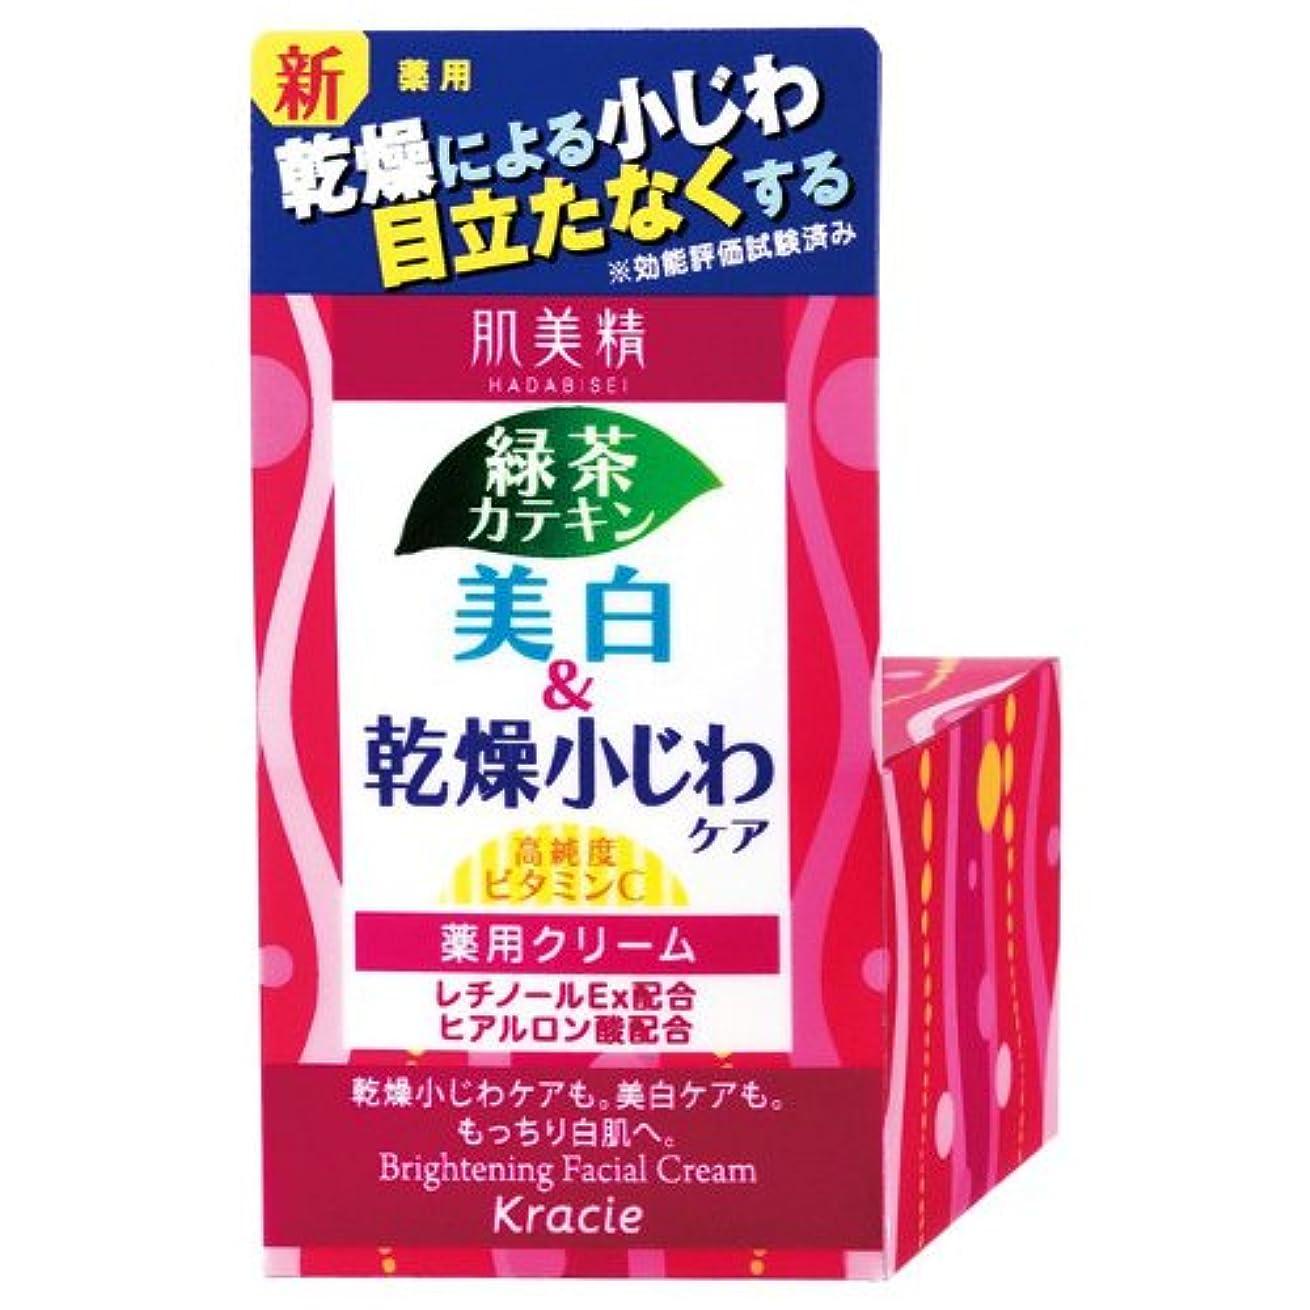 論争の的イブニング作成者肌美精 薬用美白&乾燥小じわケア クリーム 50g [医薬部外品]